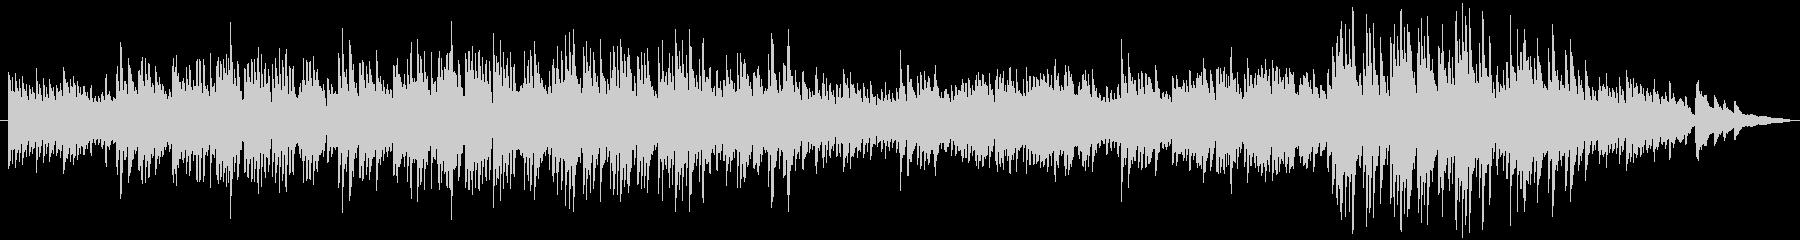 ピアノによる、切なく穏やかなバラードの未再生の波形